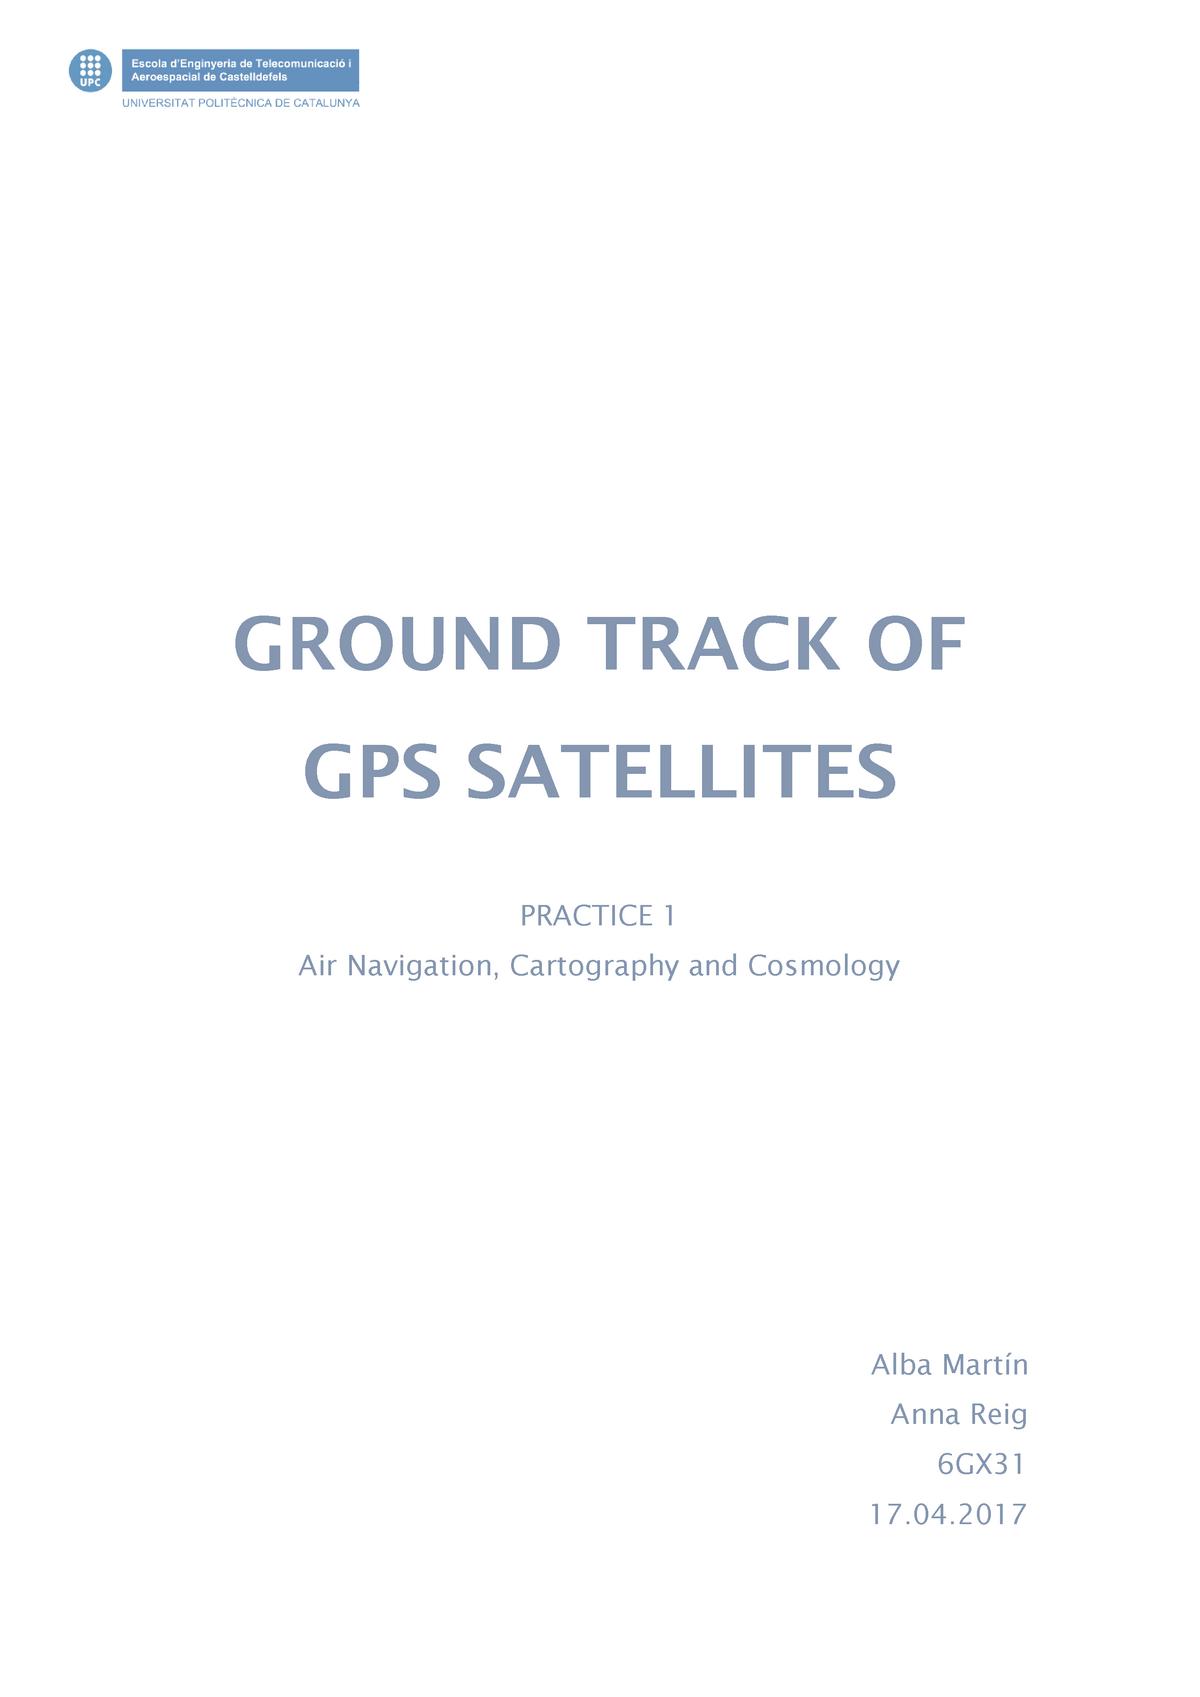 PRÁCTICA GPS - Navegación, Cartografía y Cosmografía - StuDocu